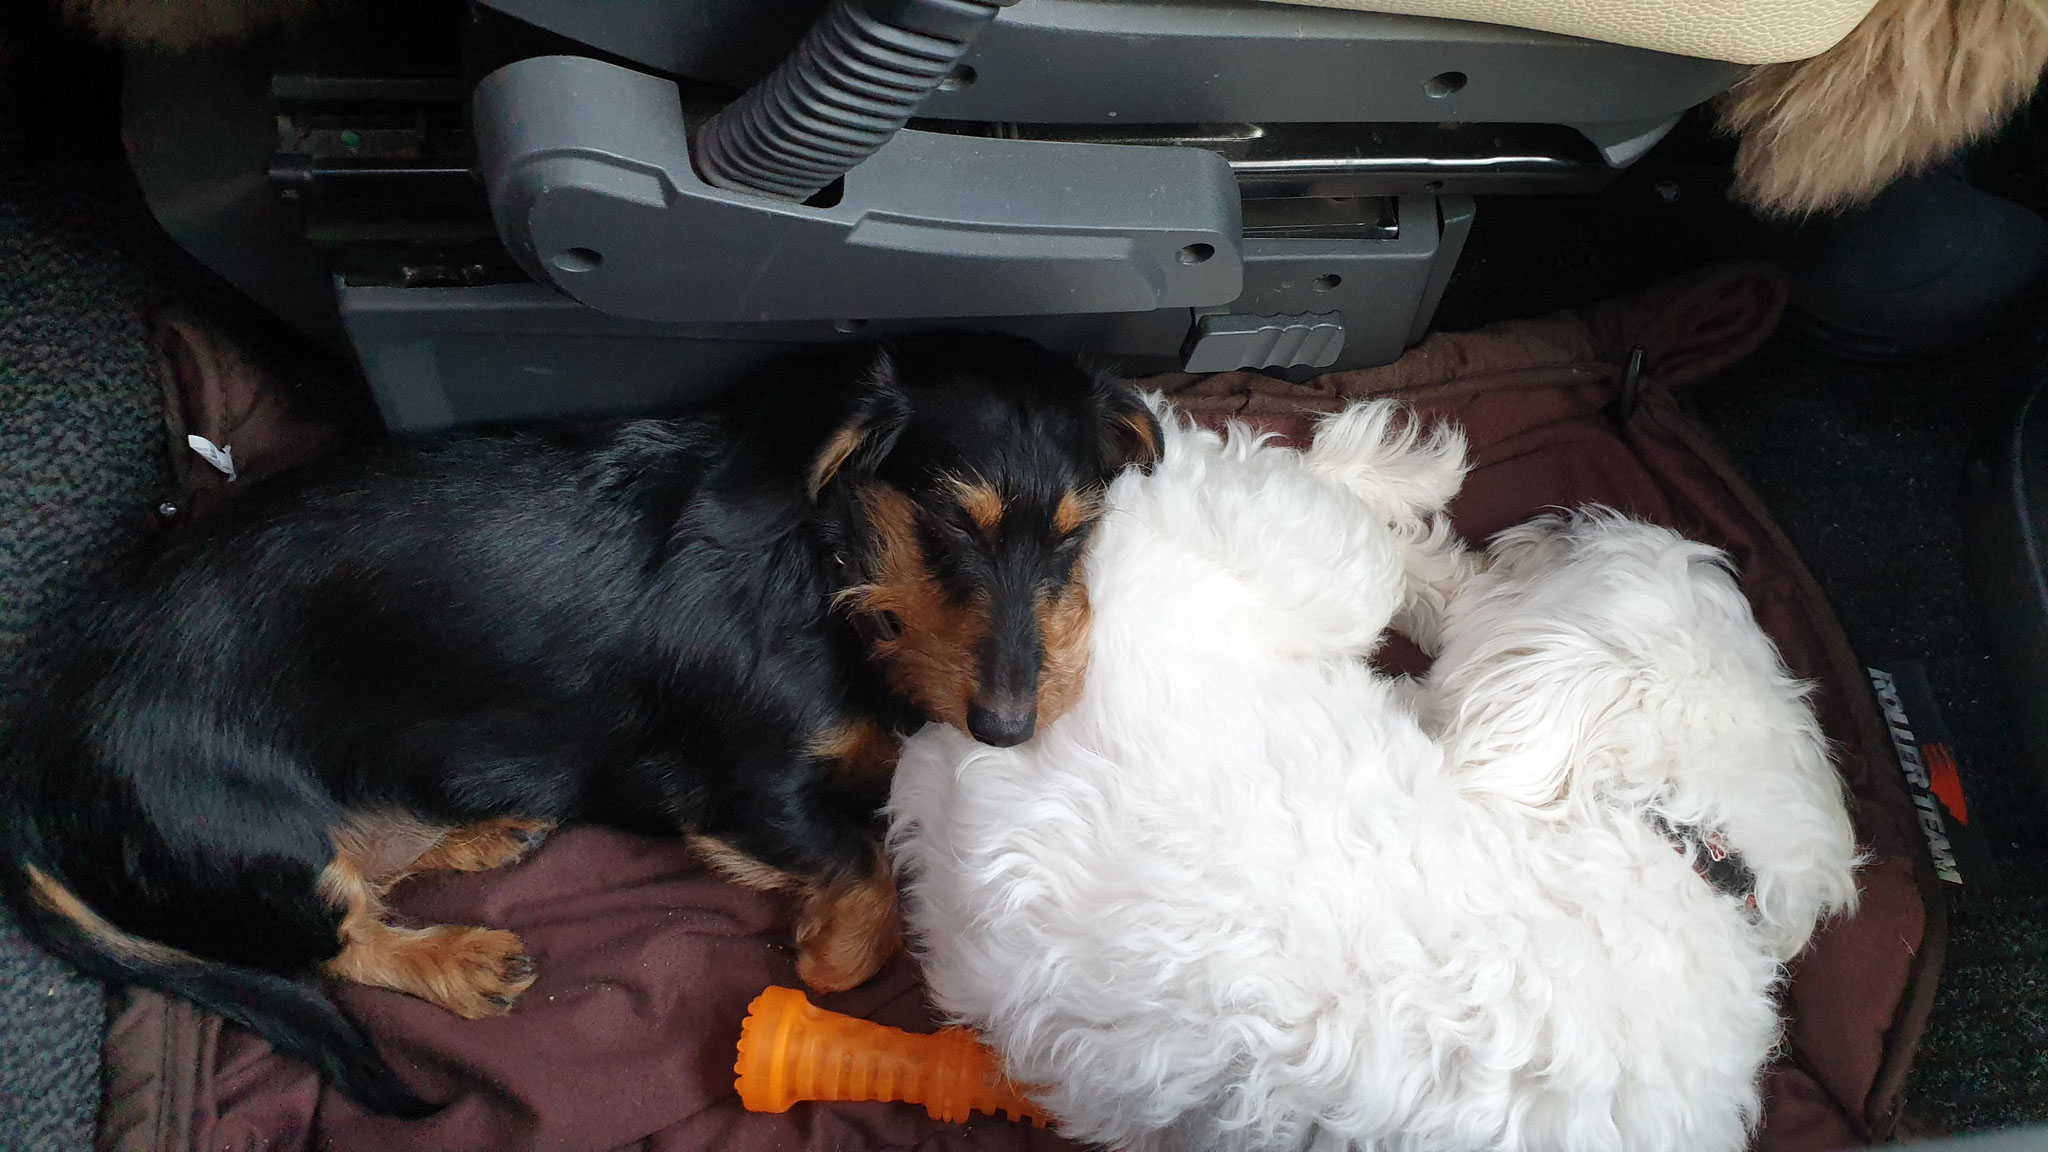 Die beiden schlafen gemütlich zwischen den Sitzen